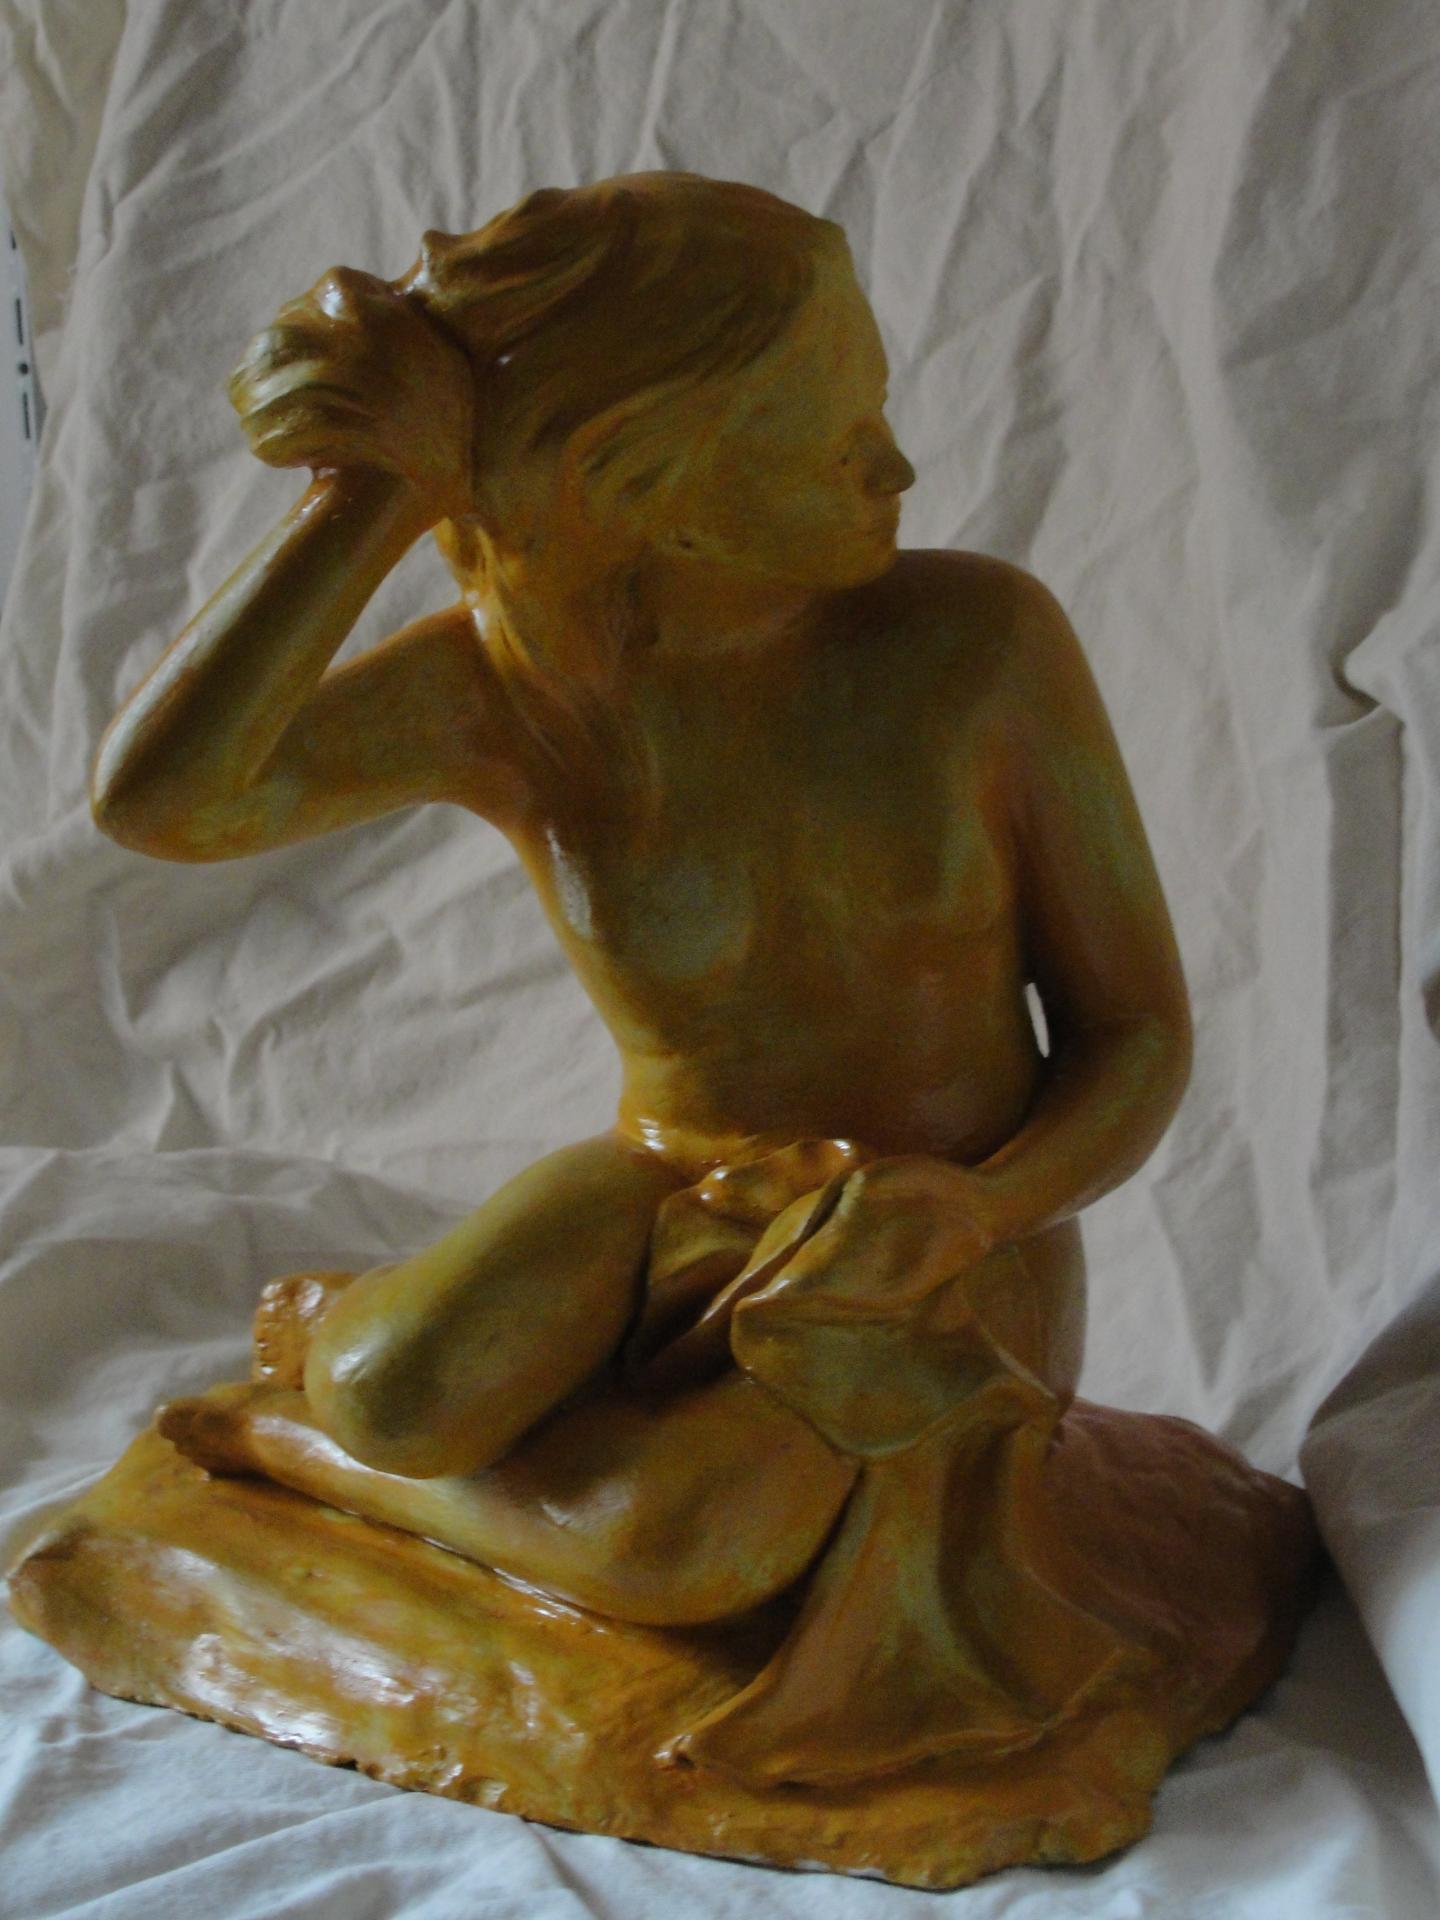 Sculpture en terre, modelage, baigneuse